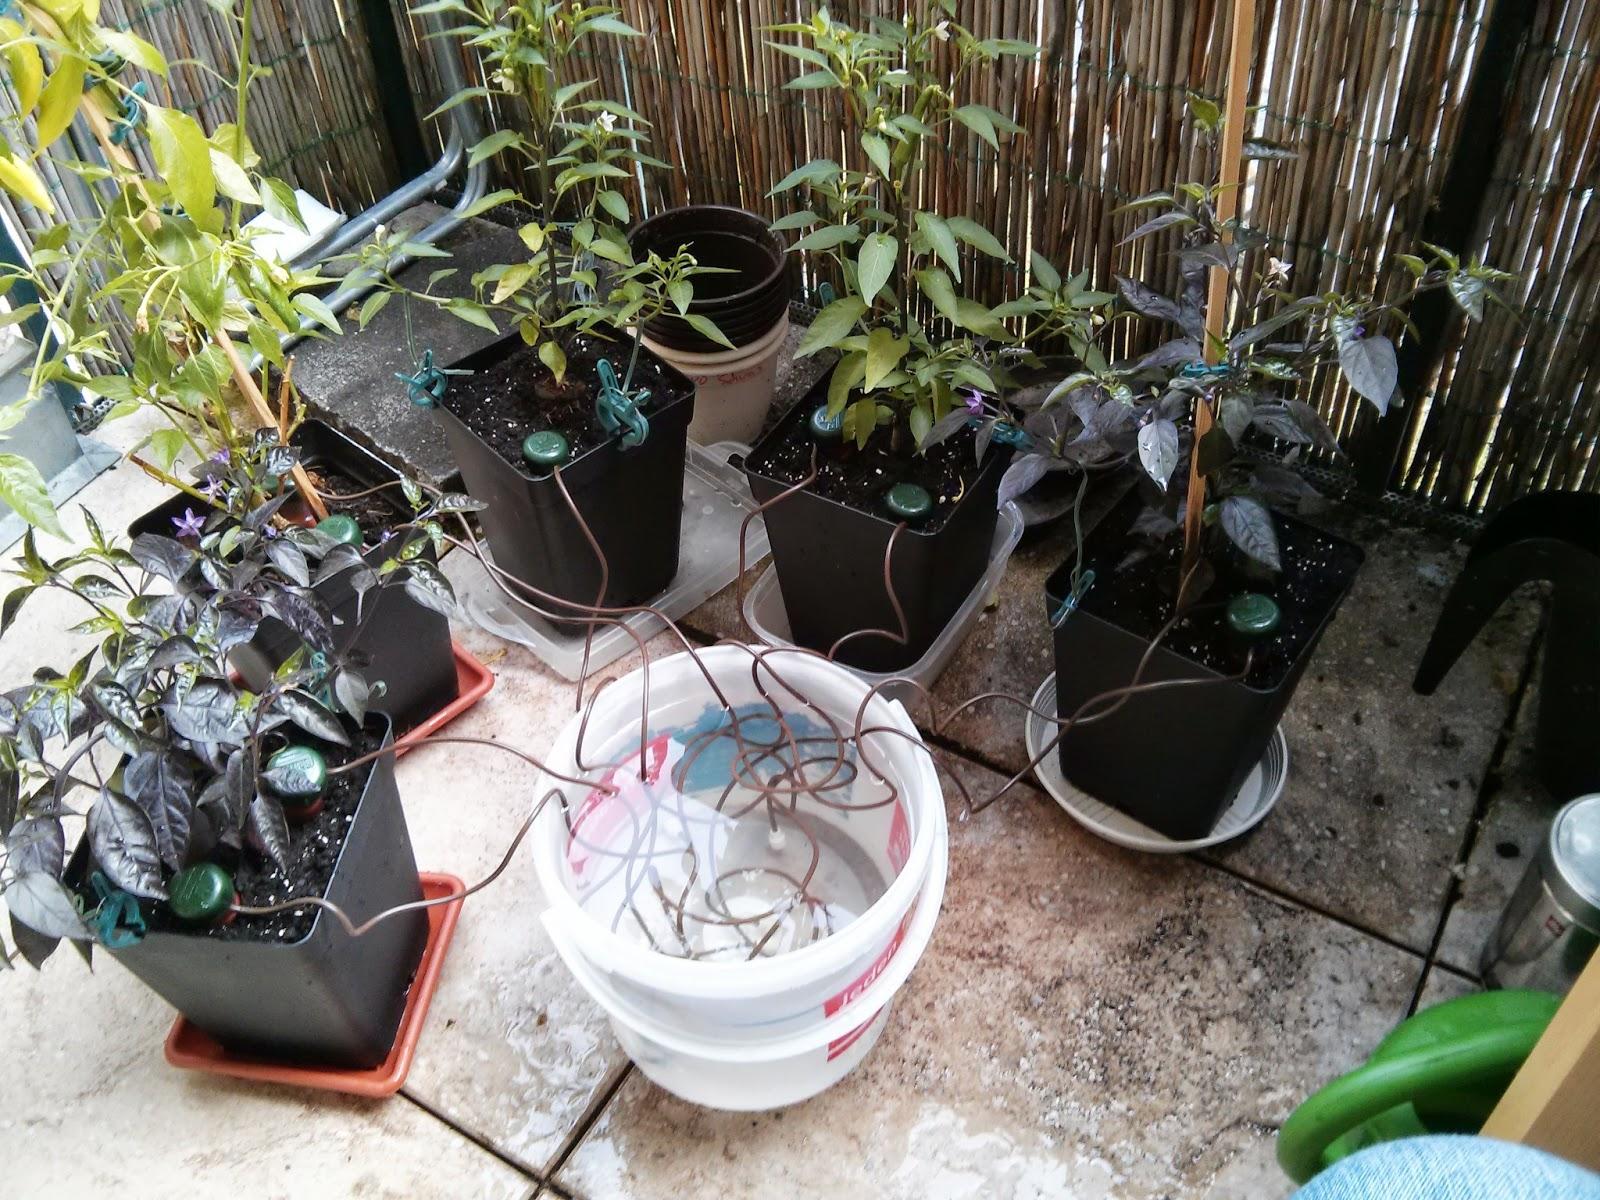 Chili farmer chili pflanzen automatisch bew ssern for Chillies pflanzen